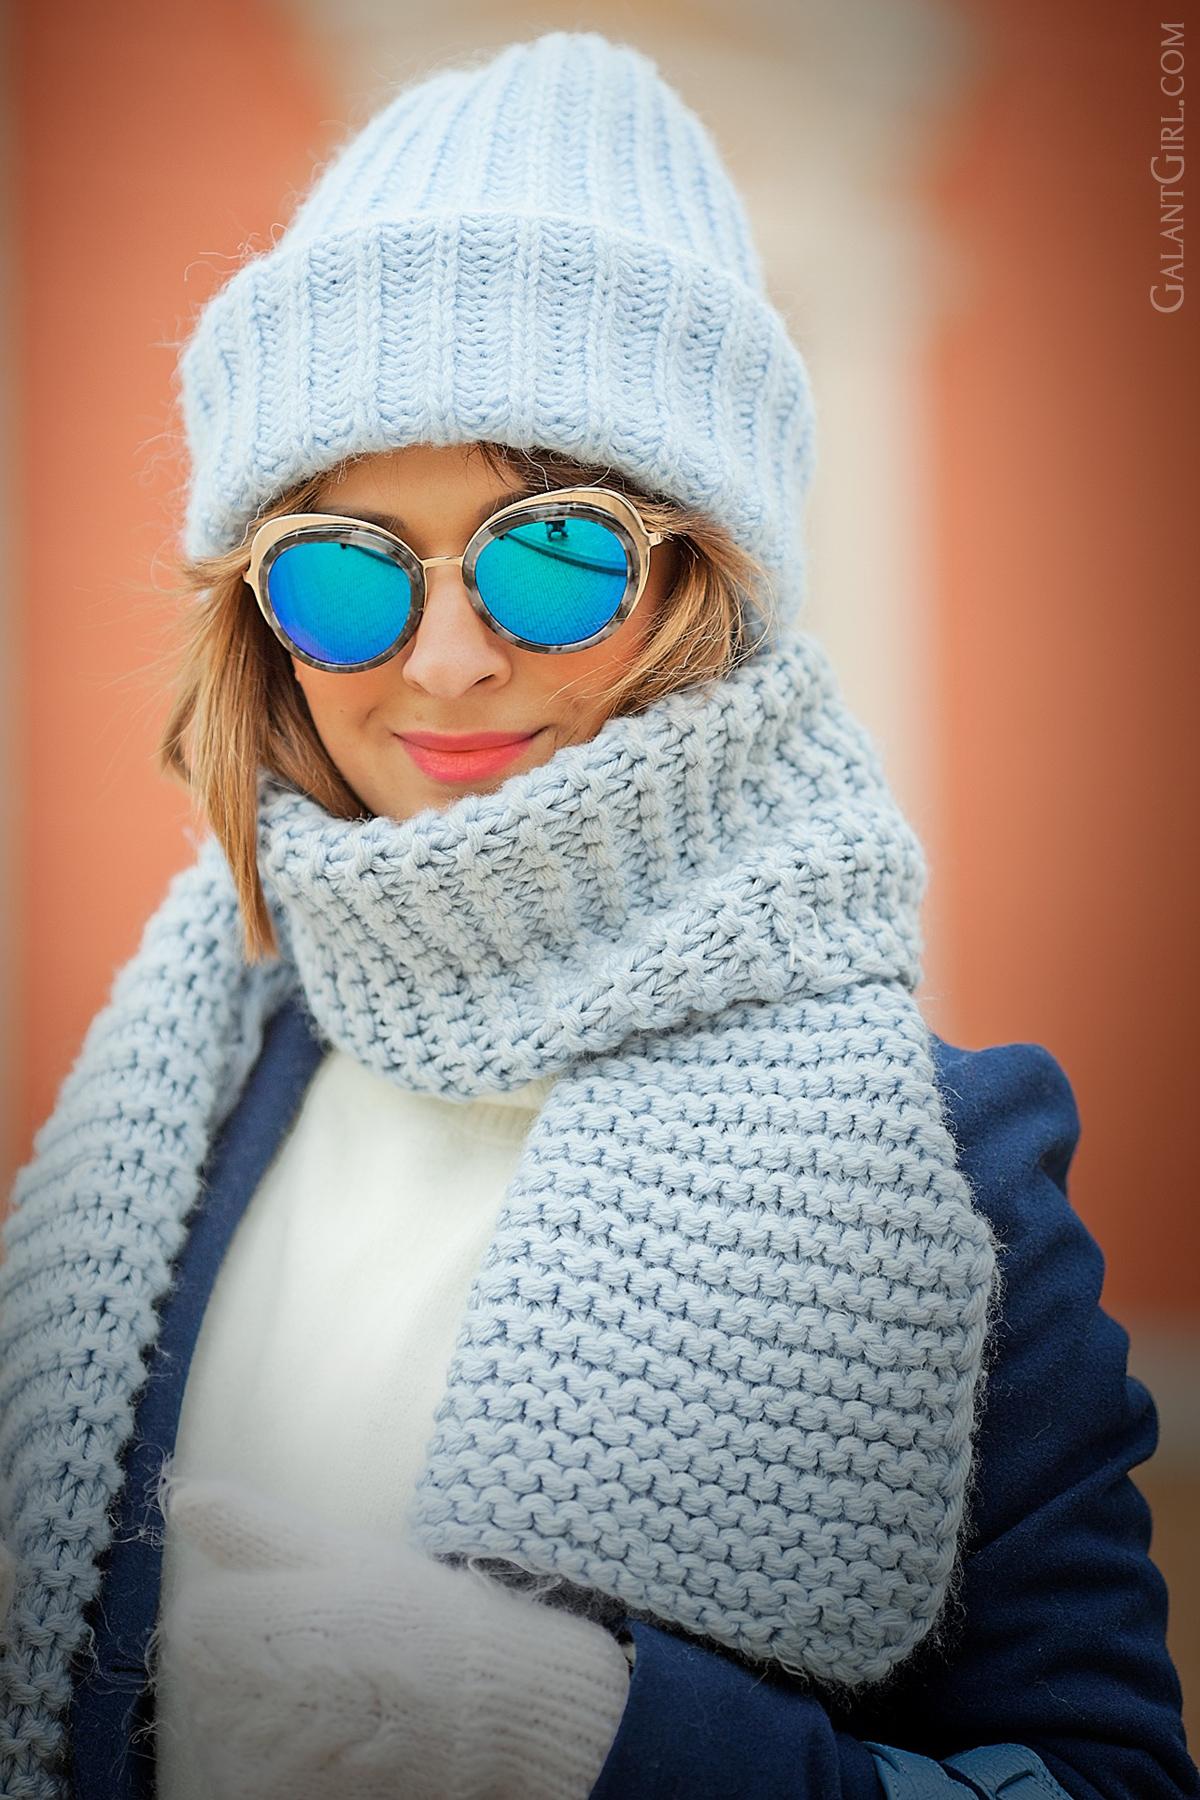 cutler and gross eyewear, cutler and gross sunglasses, galant girl,